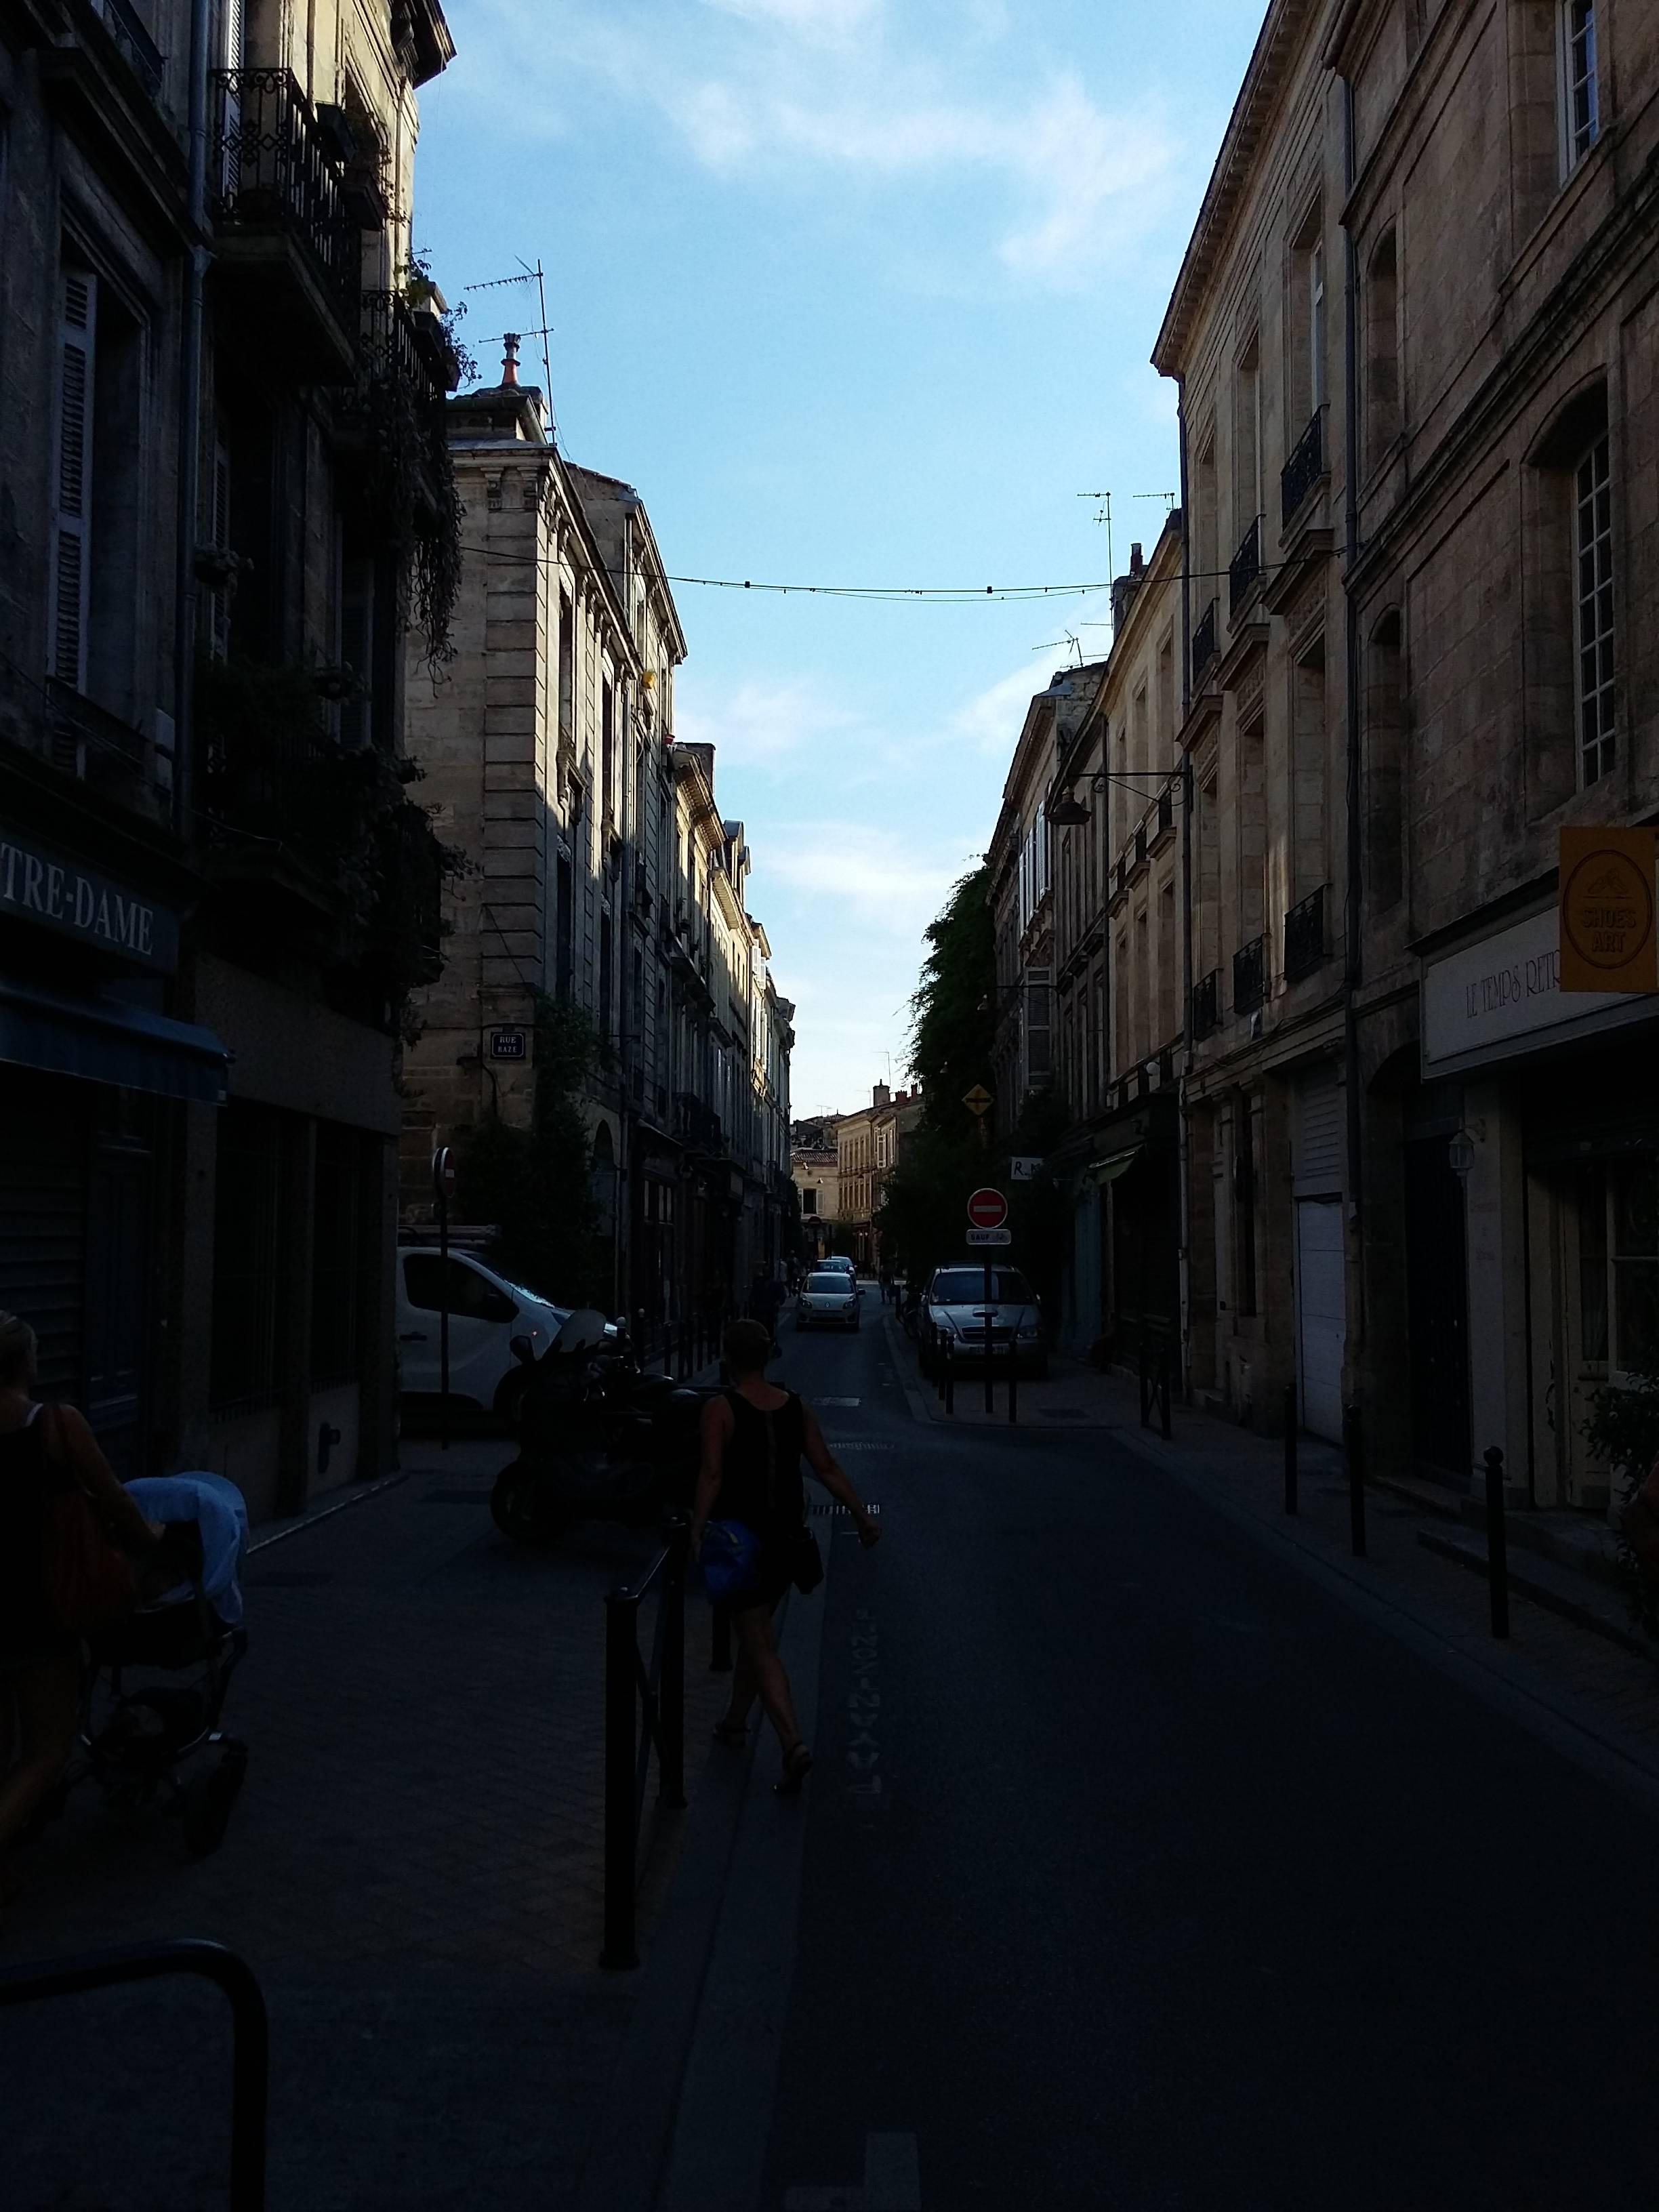 Photo 2: La rue notre dame au coeur des chartrons